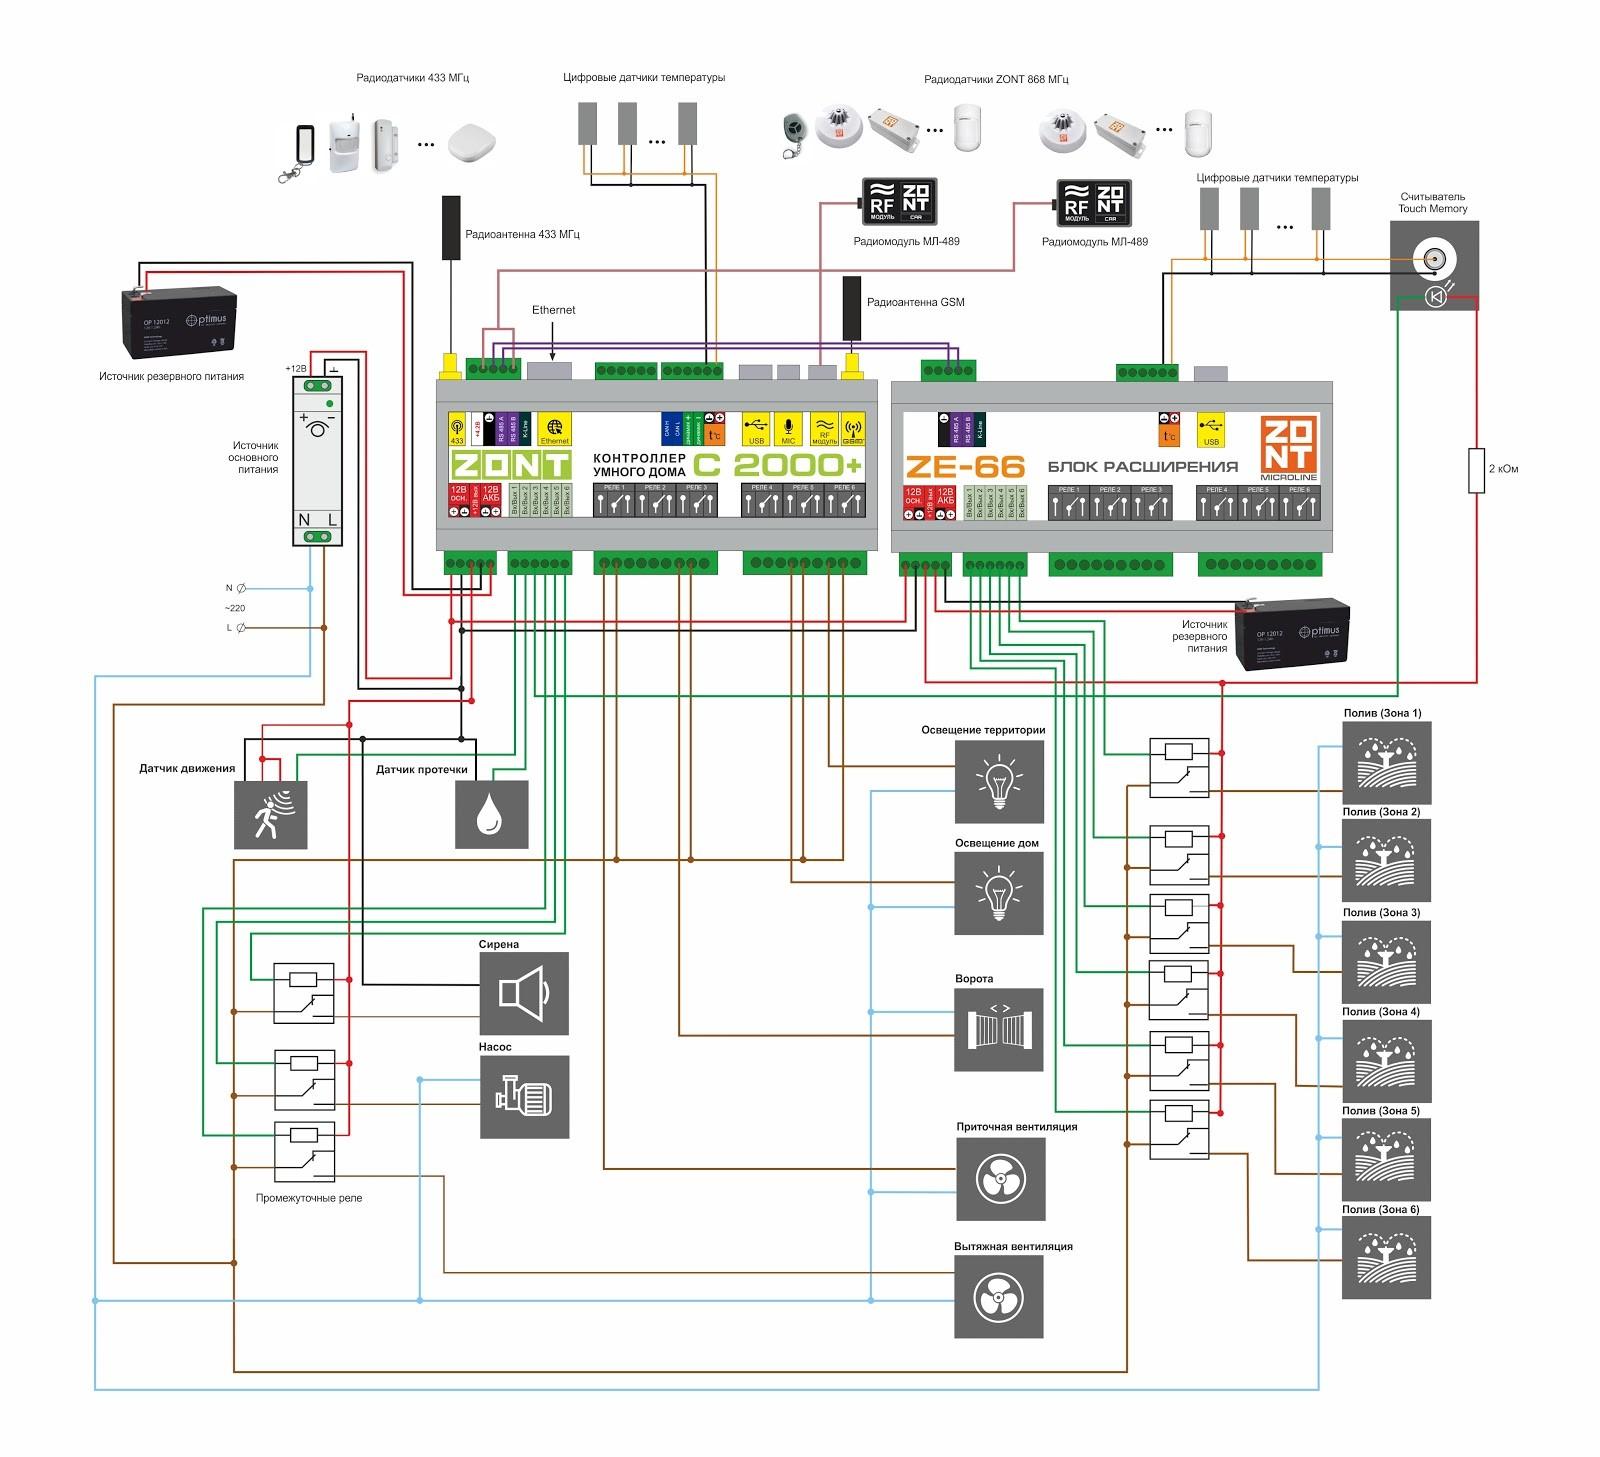 ZONT C2000+ контроллер умного дома купить, цена, отзывы, характеристики, официальный магазин | Москва, Волоколамское шоссе, 103, тел. +7 (495) 208-00-68